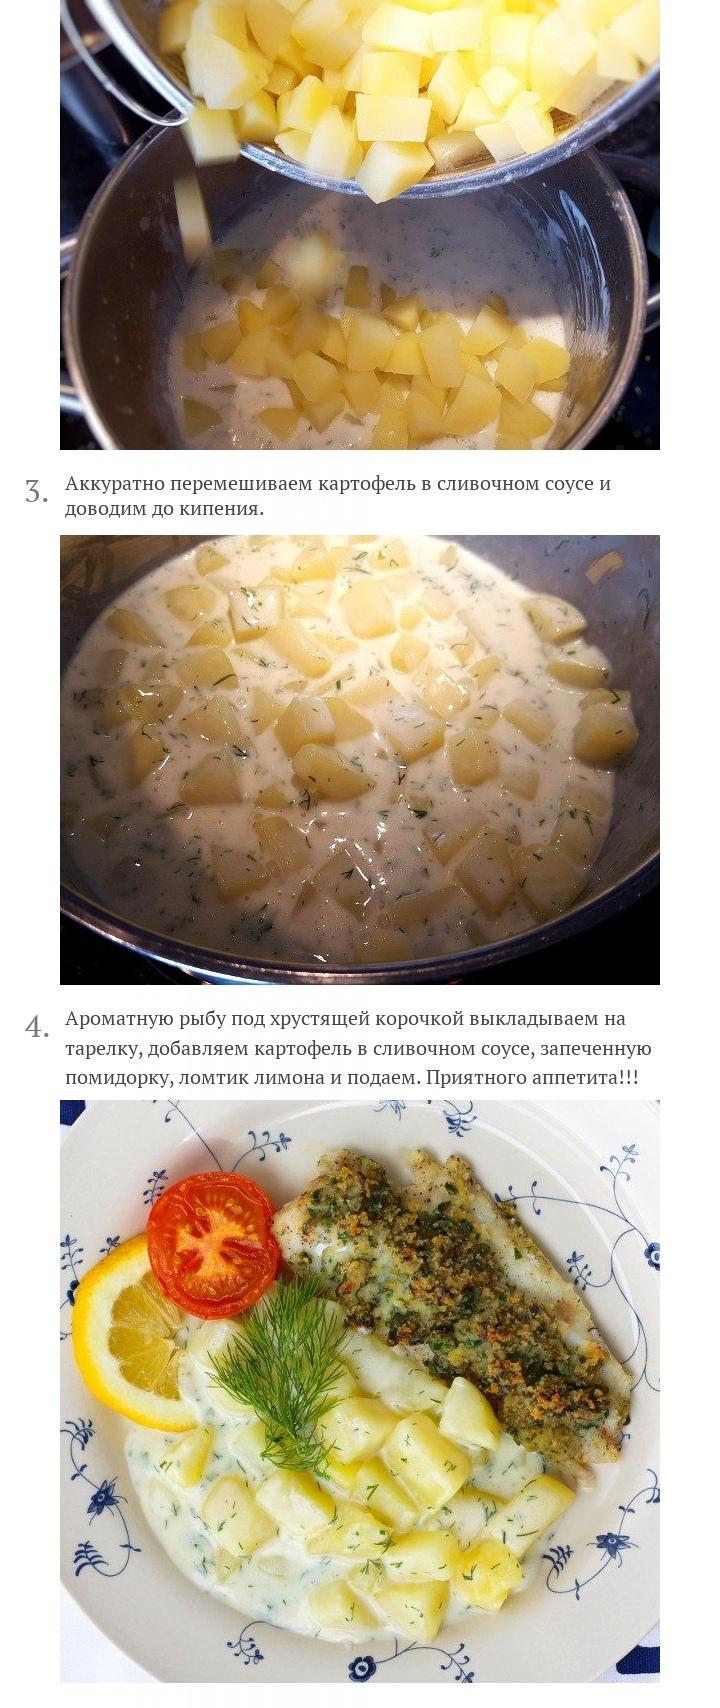 Запеченная рыба с картофелем в сливочном соусе, изображение №3